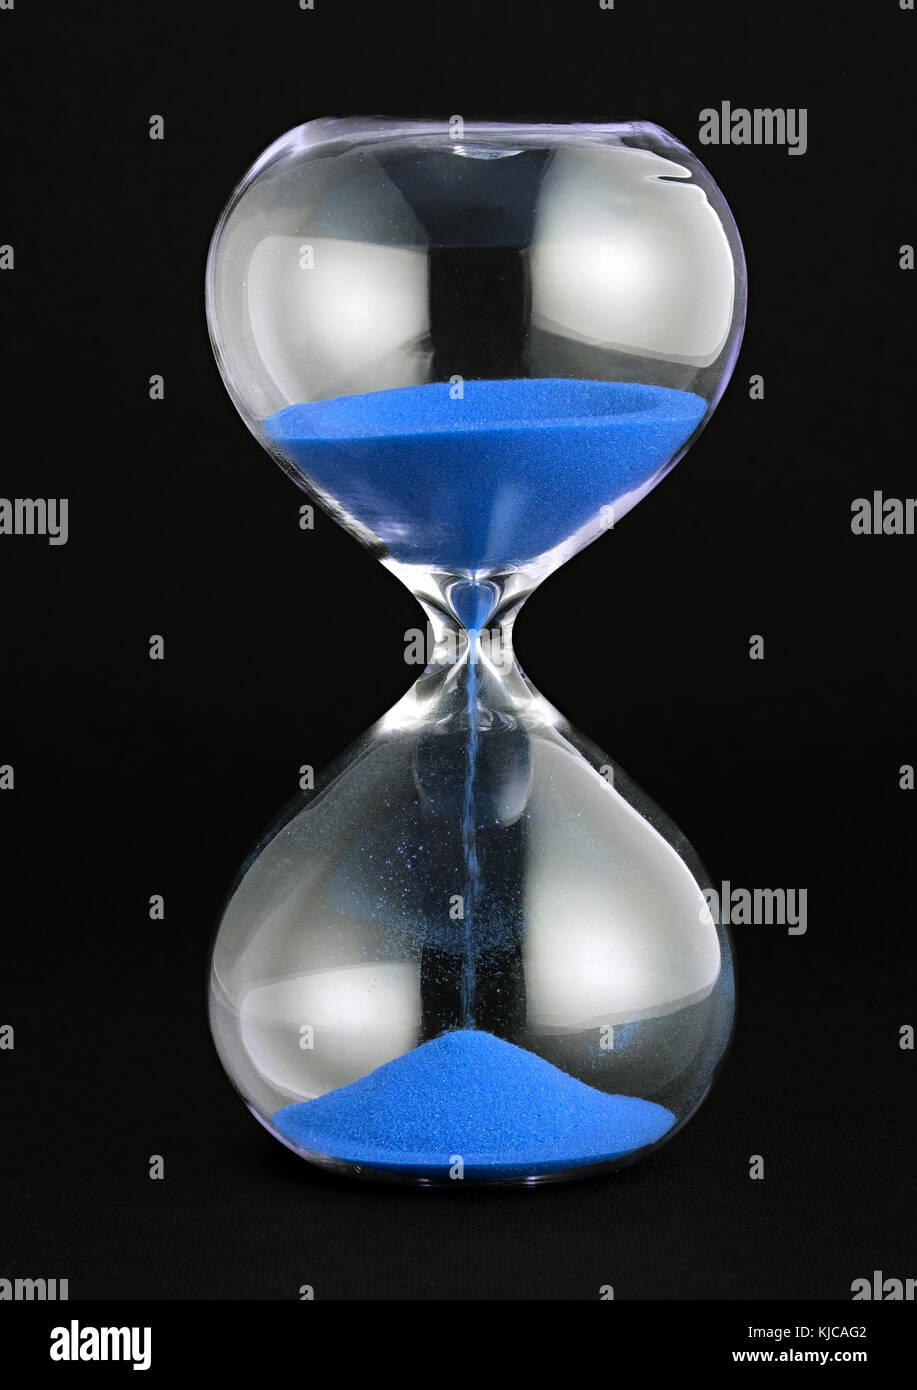 Cerca Foto de estudio de un reloj de arena Con arena azul transparente como concepto vertido por el tiempo y la Imagen De Stock